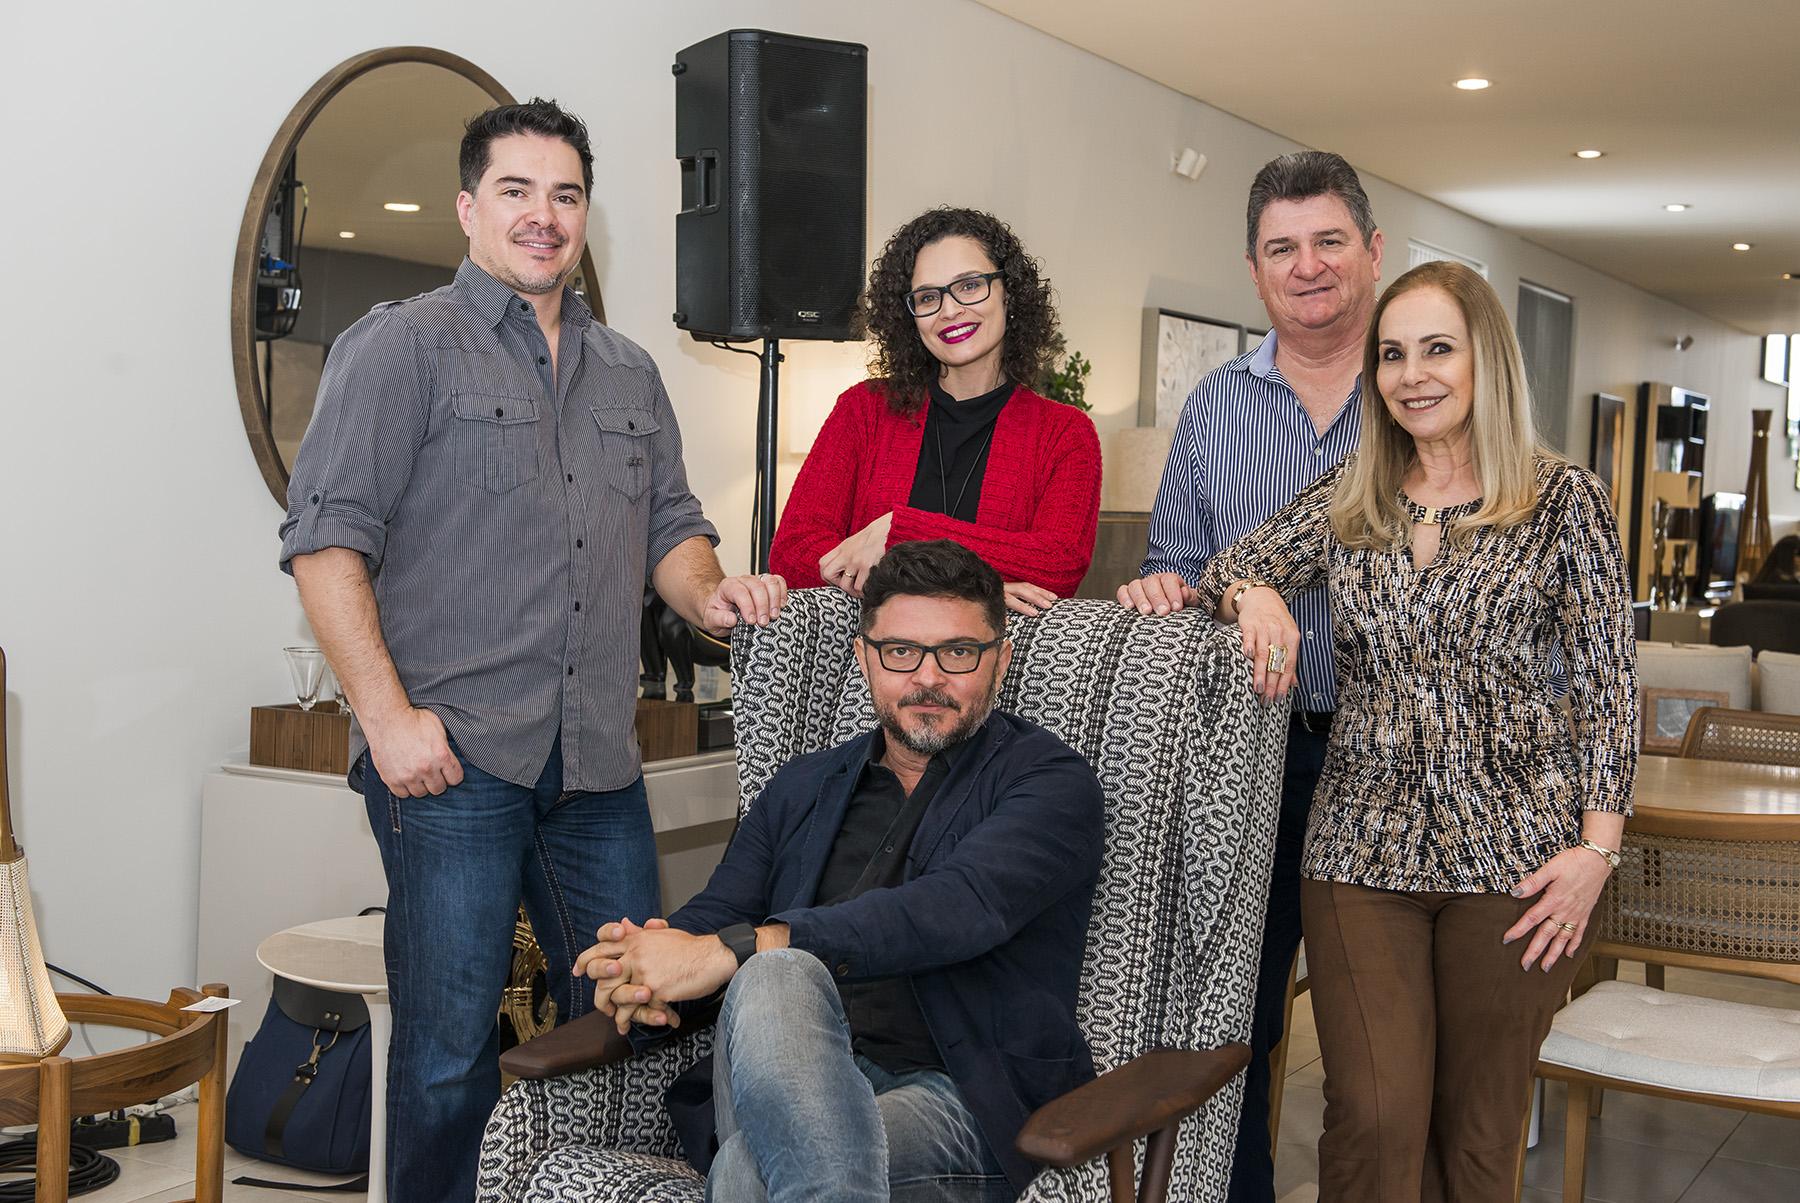 O empresário Luciano Elias, a editora de Haus, da Gazeta do Povo,  Daliane Nogueira, Paulo Alves e os empresários Wilson Elias e Sonia Elias.